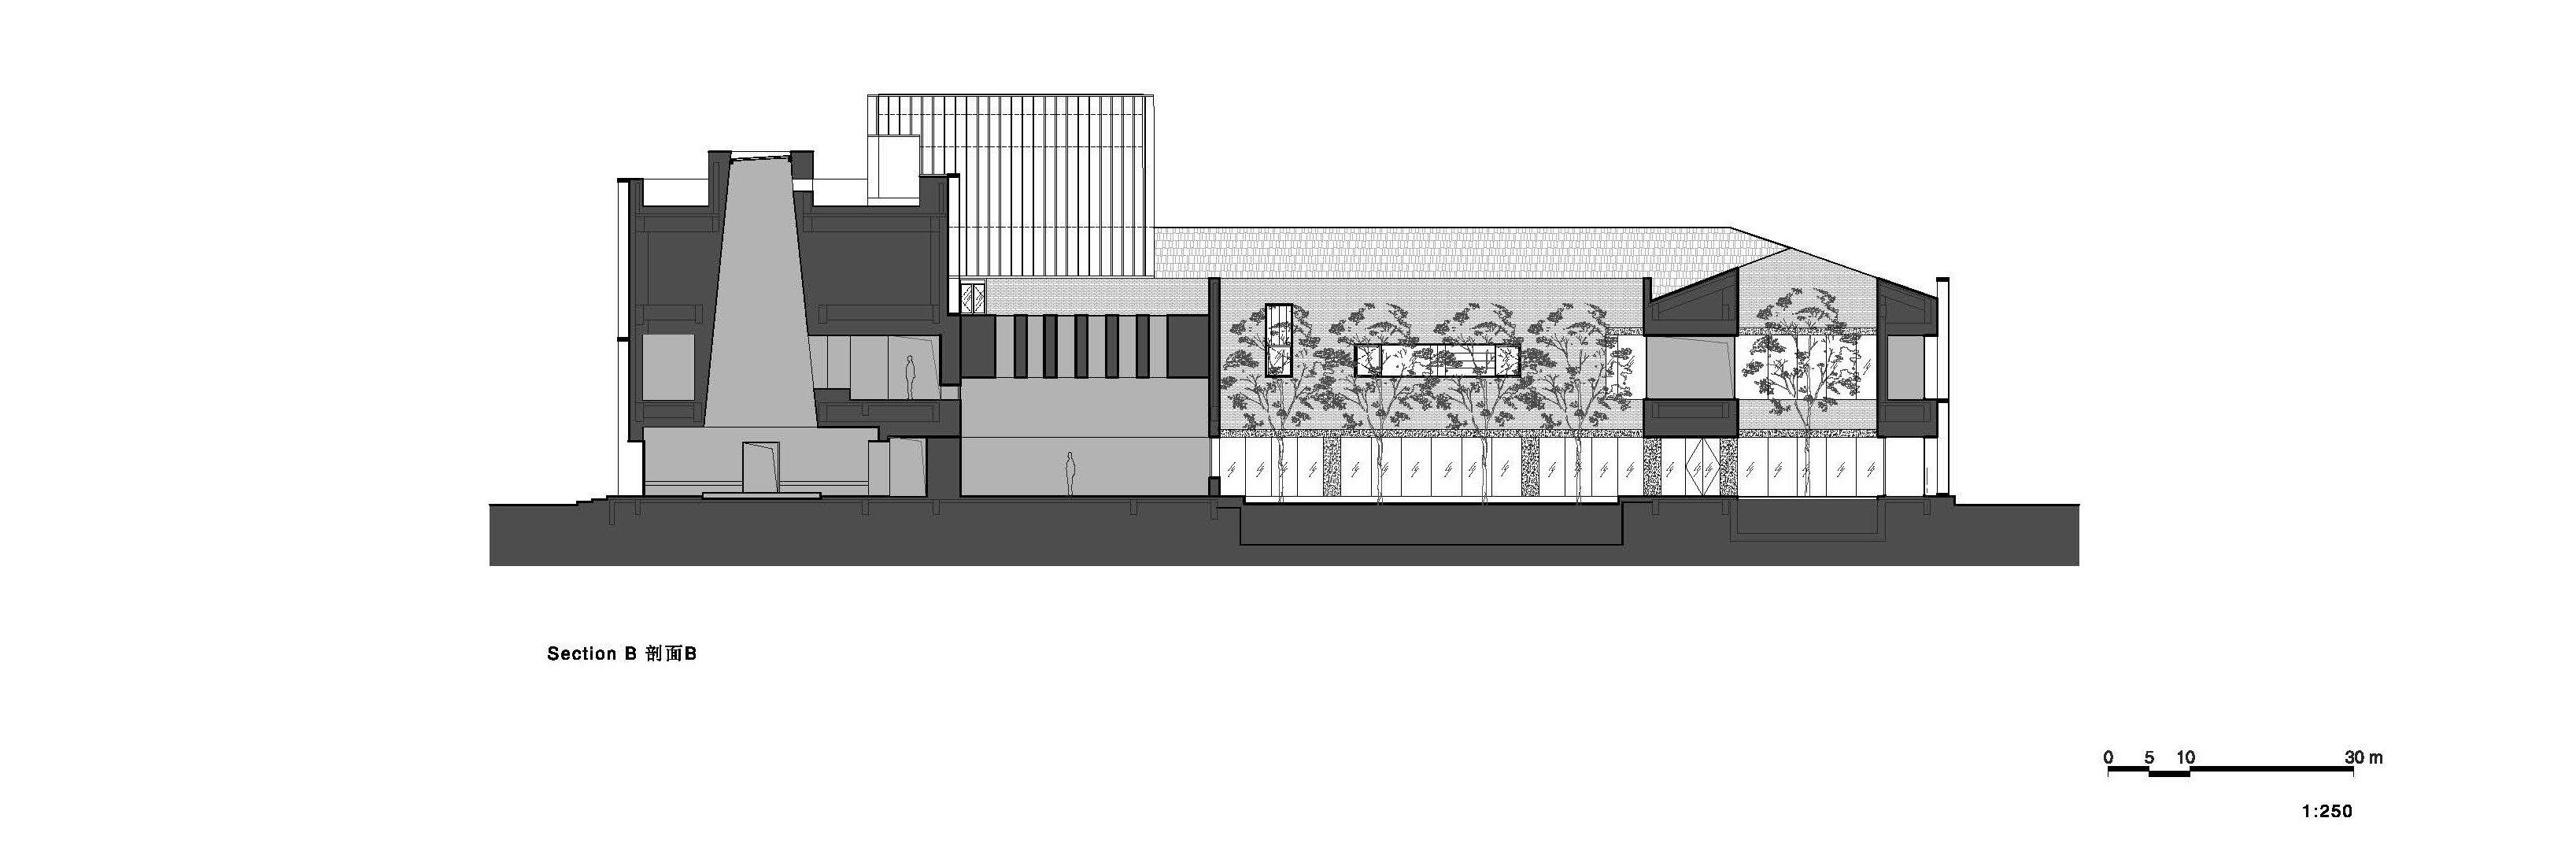 Junshan Cultural Center Drawings Neri&Hu}